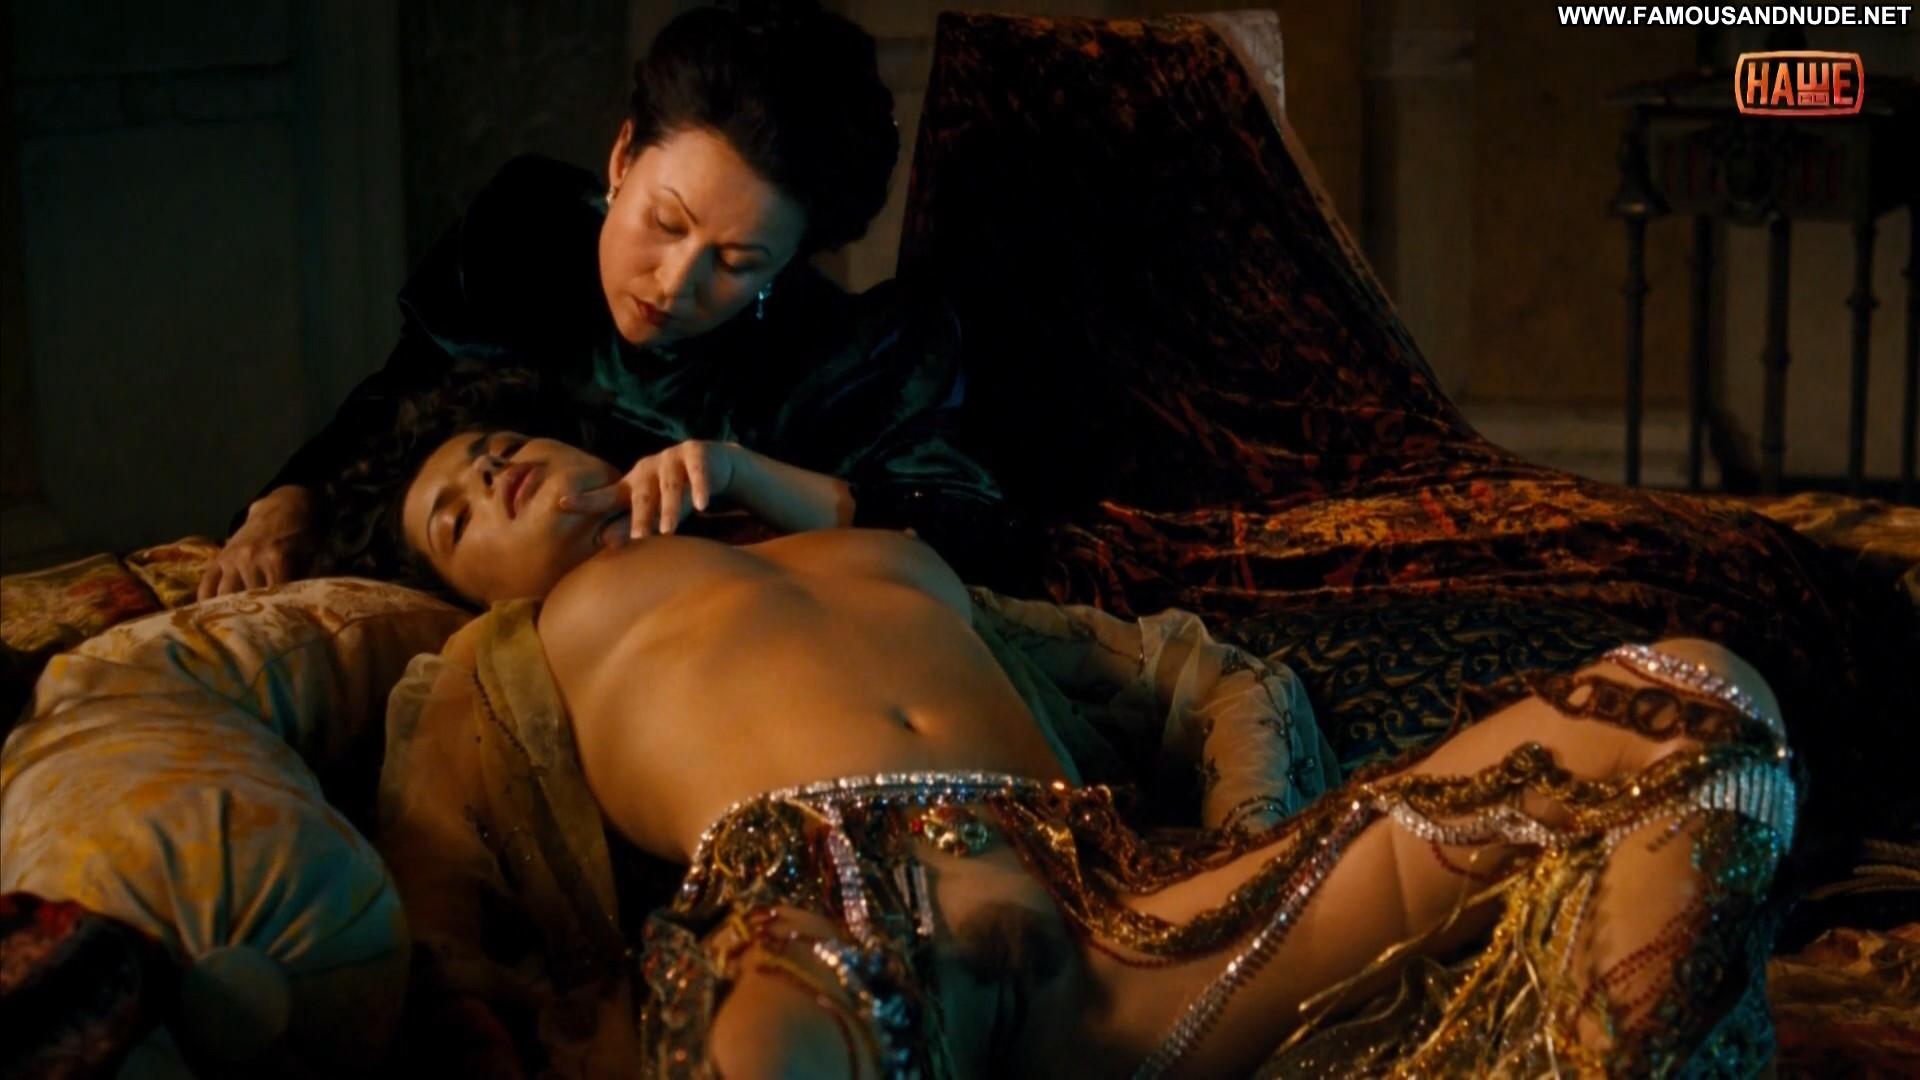 smotret-onlayn-eroticheskie-stseni-v-russkih-filmah